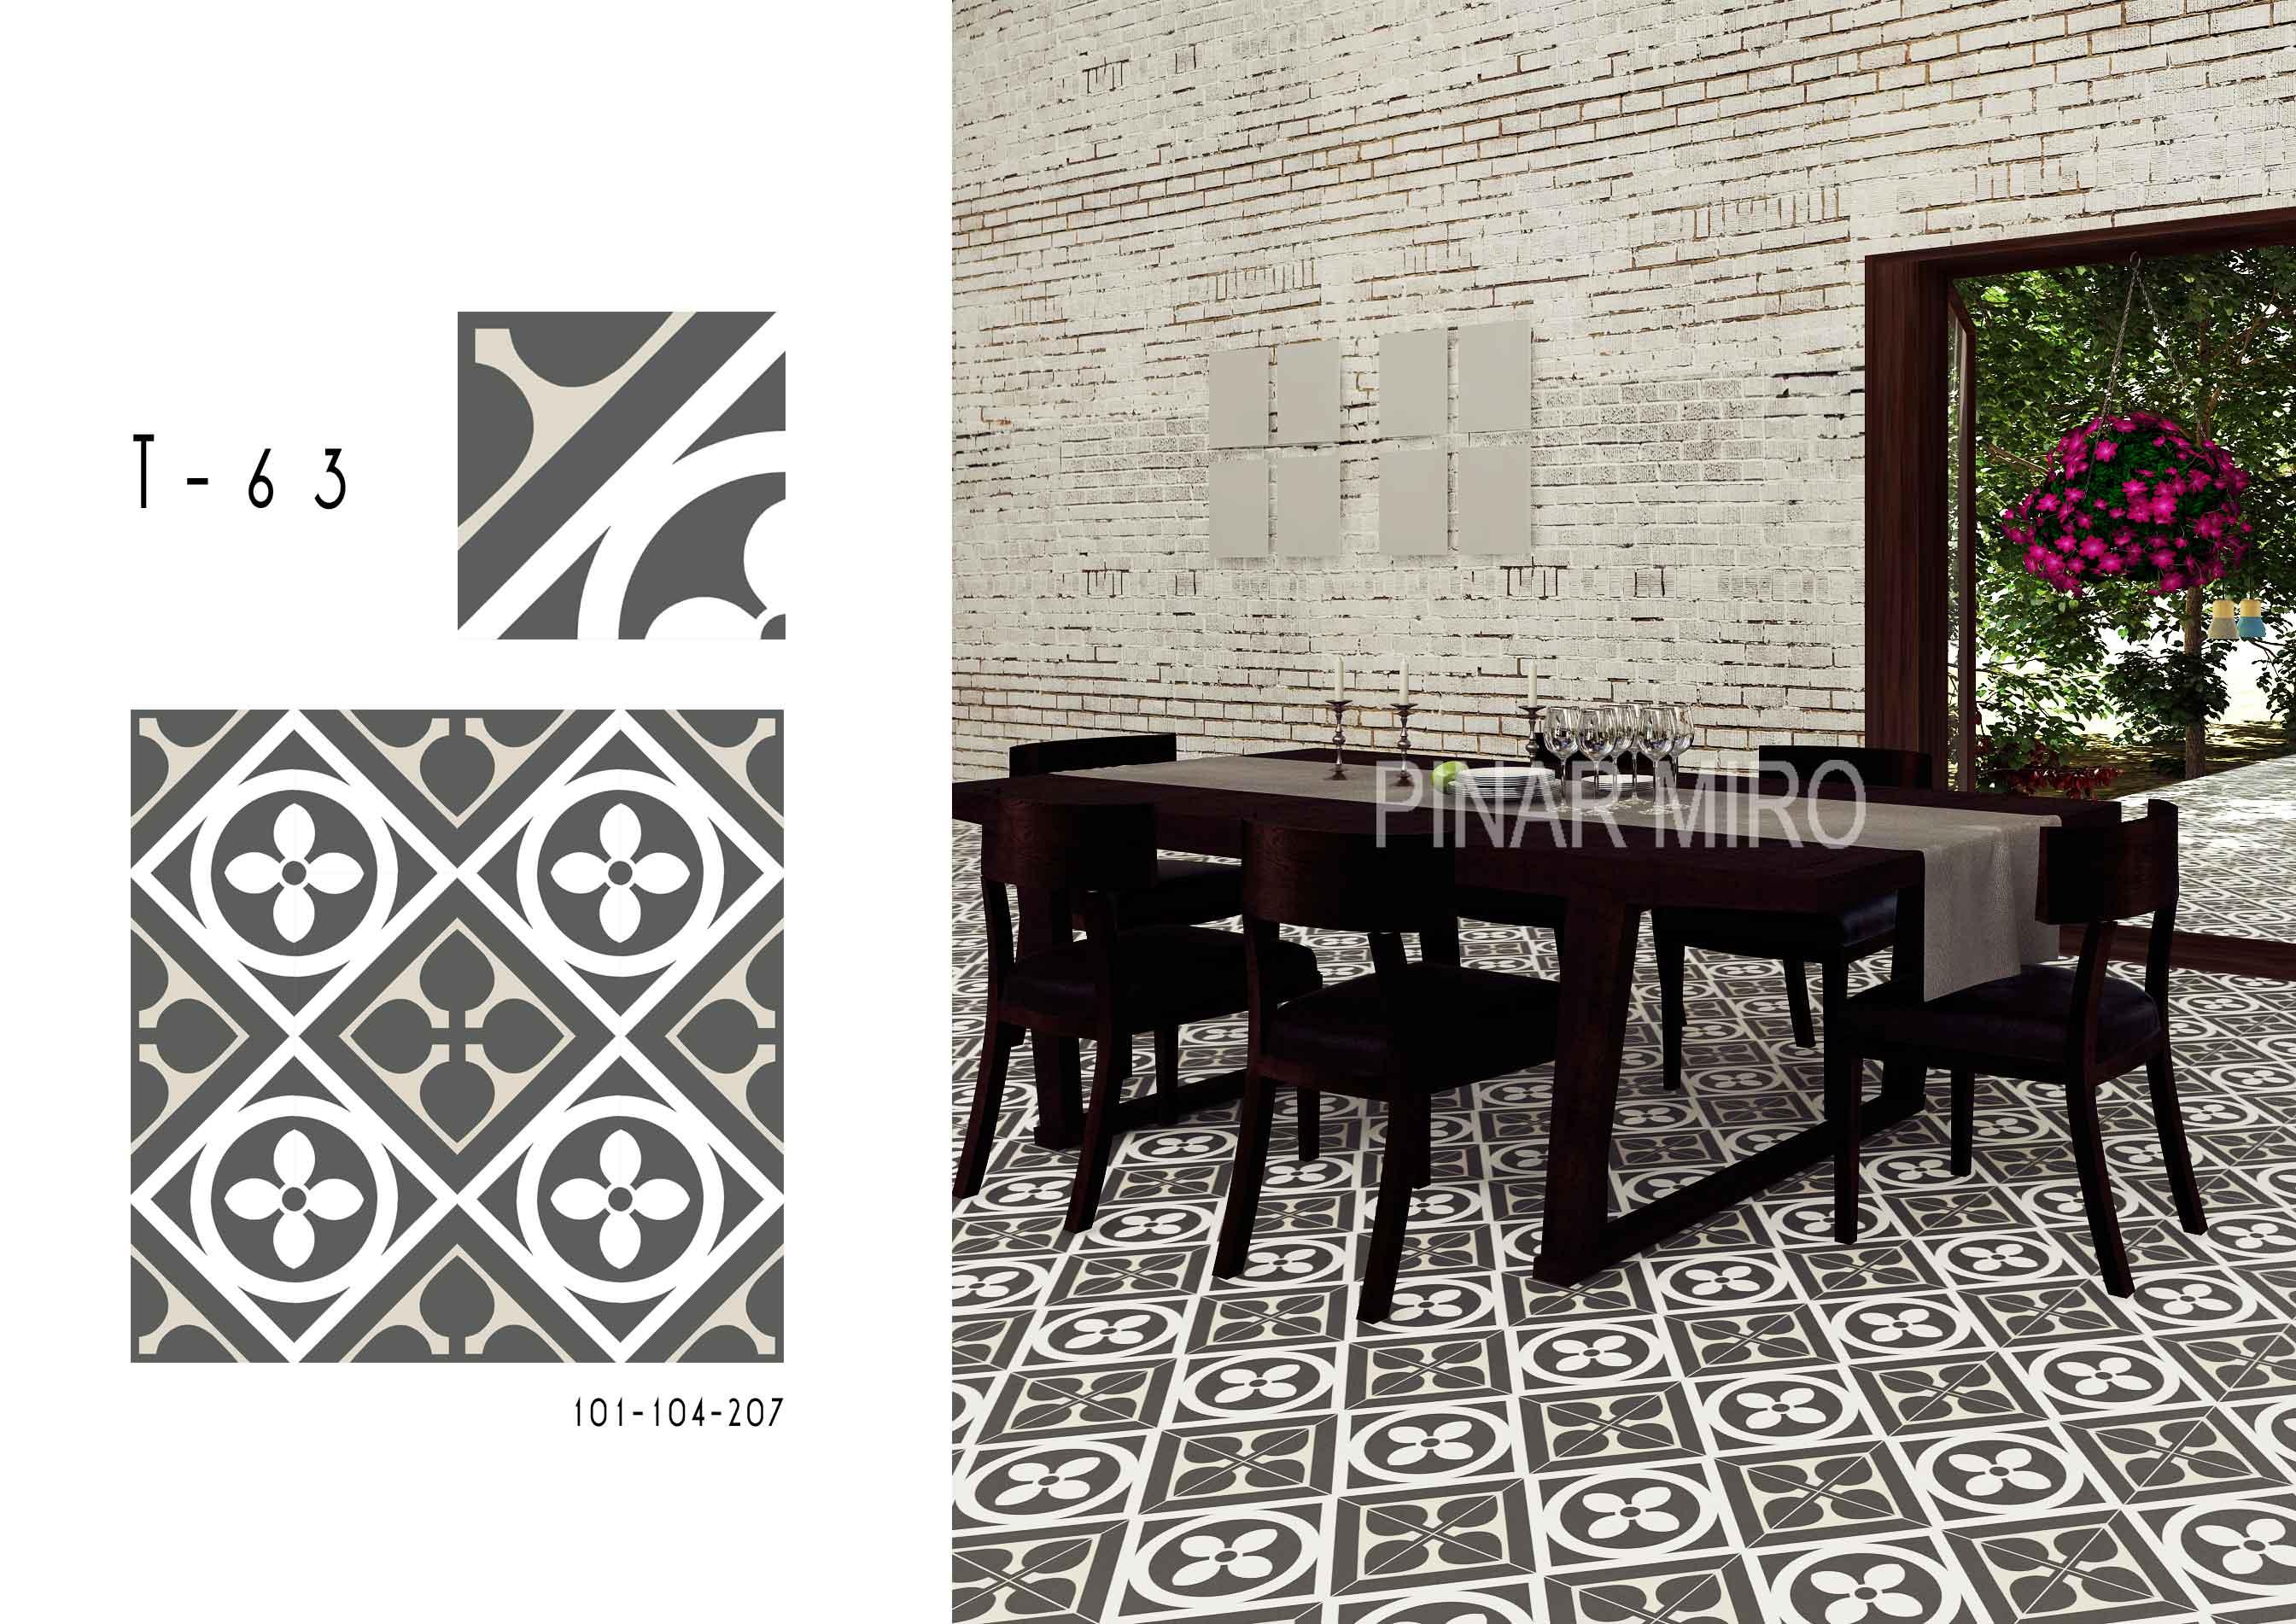 1t063-pinar-miro-cement-tiles